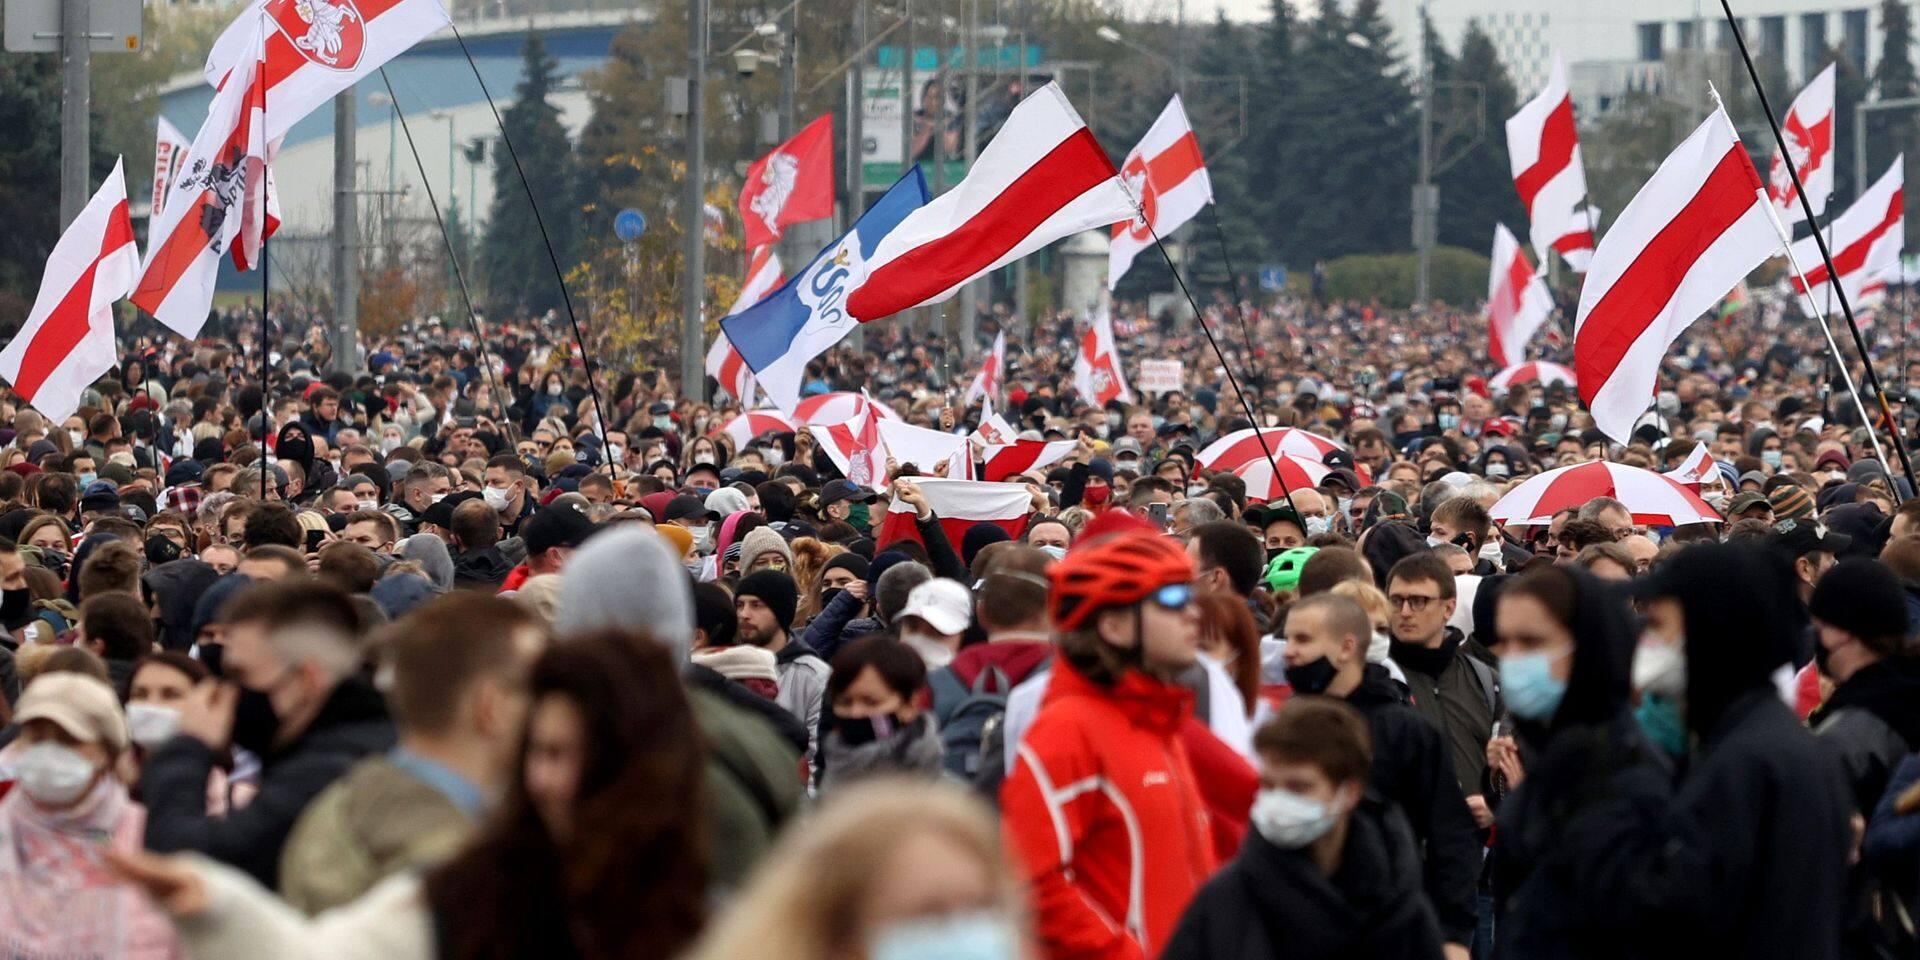 """Pour l'opposante Svetlana Tikhanovskaïa, c'est la démission ou la grève: """"Les Biélorusses sont fatigués, mais ils sont aussi motivés"""""""